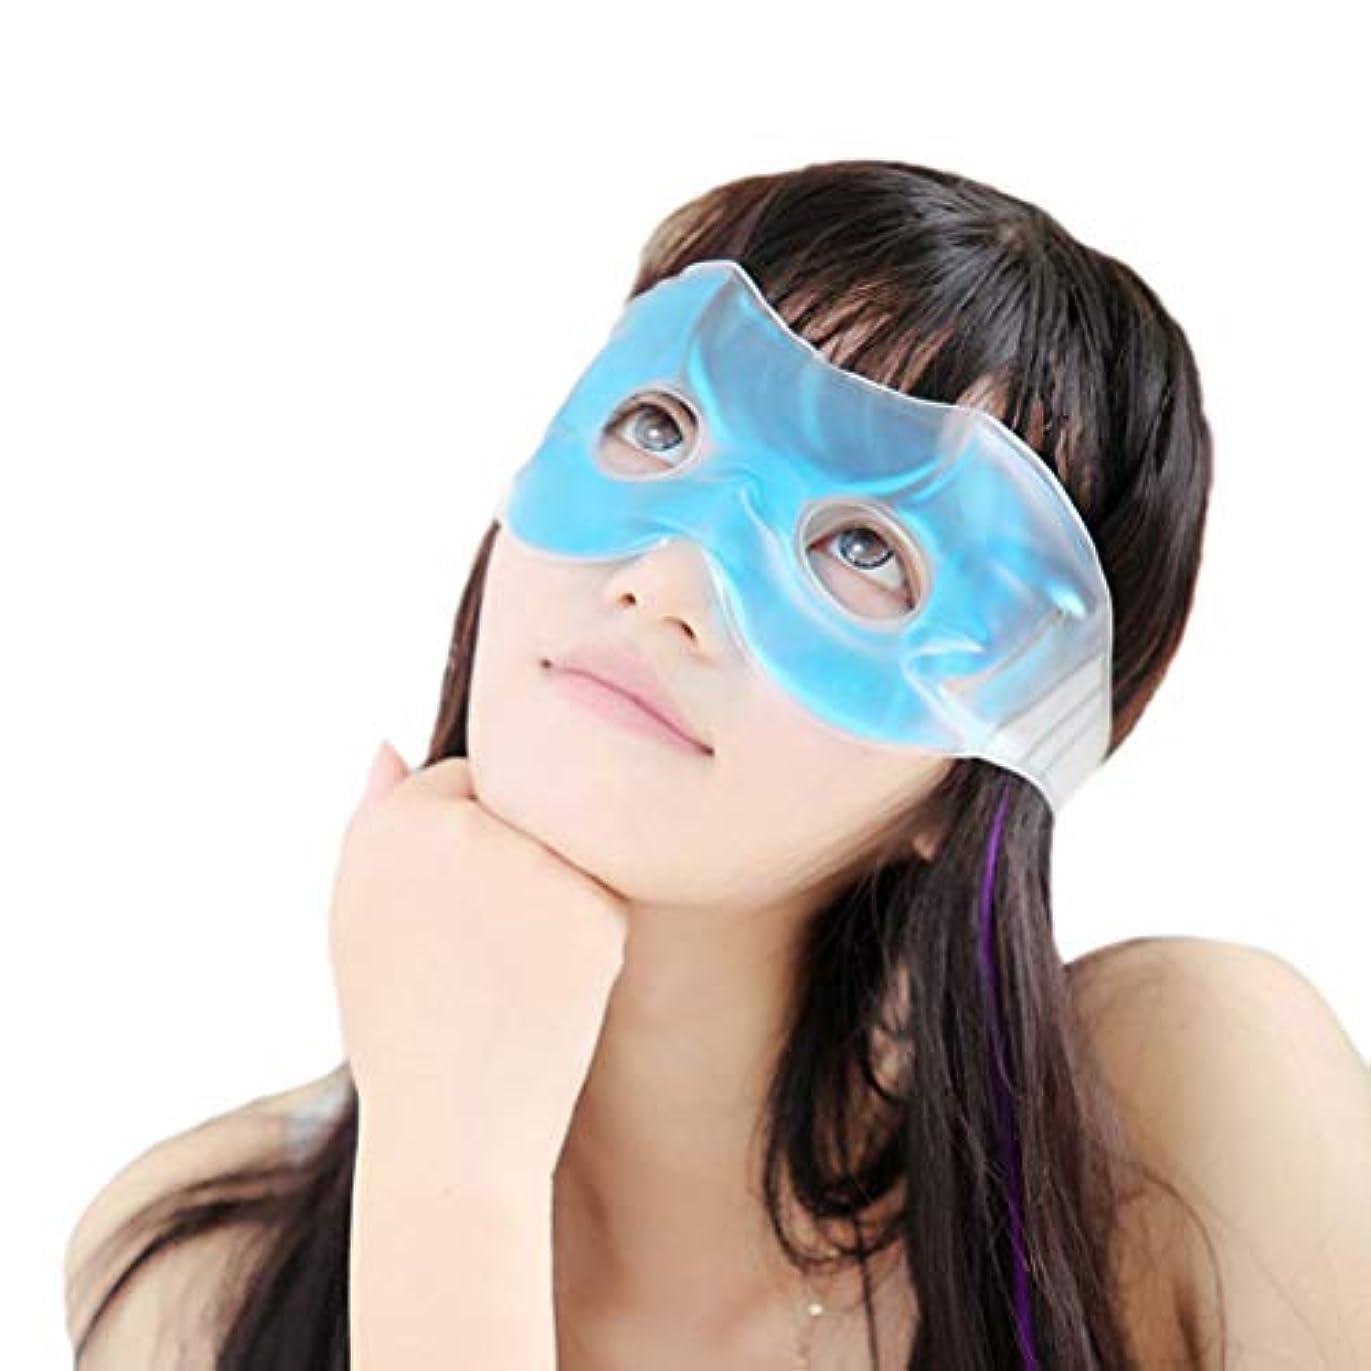 騒肌マークされたHealifty アイマスク ゲル アイスパッド アイスアイマスク 目隠し リラックス 冷却 パック 再使用可能 目の疲れ軽減 安眠 血行促進